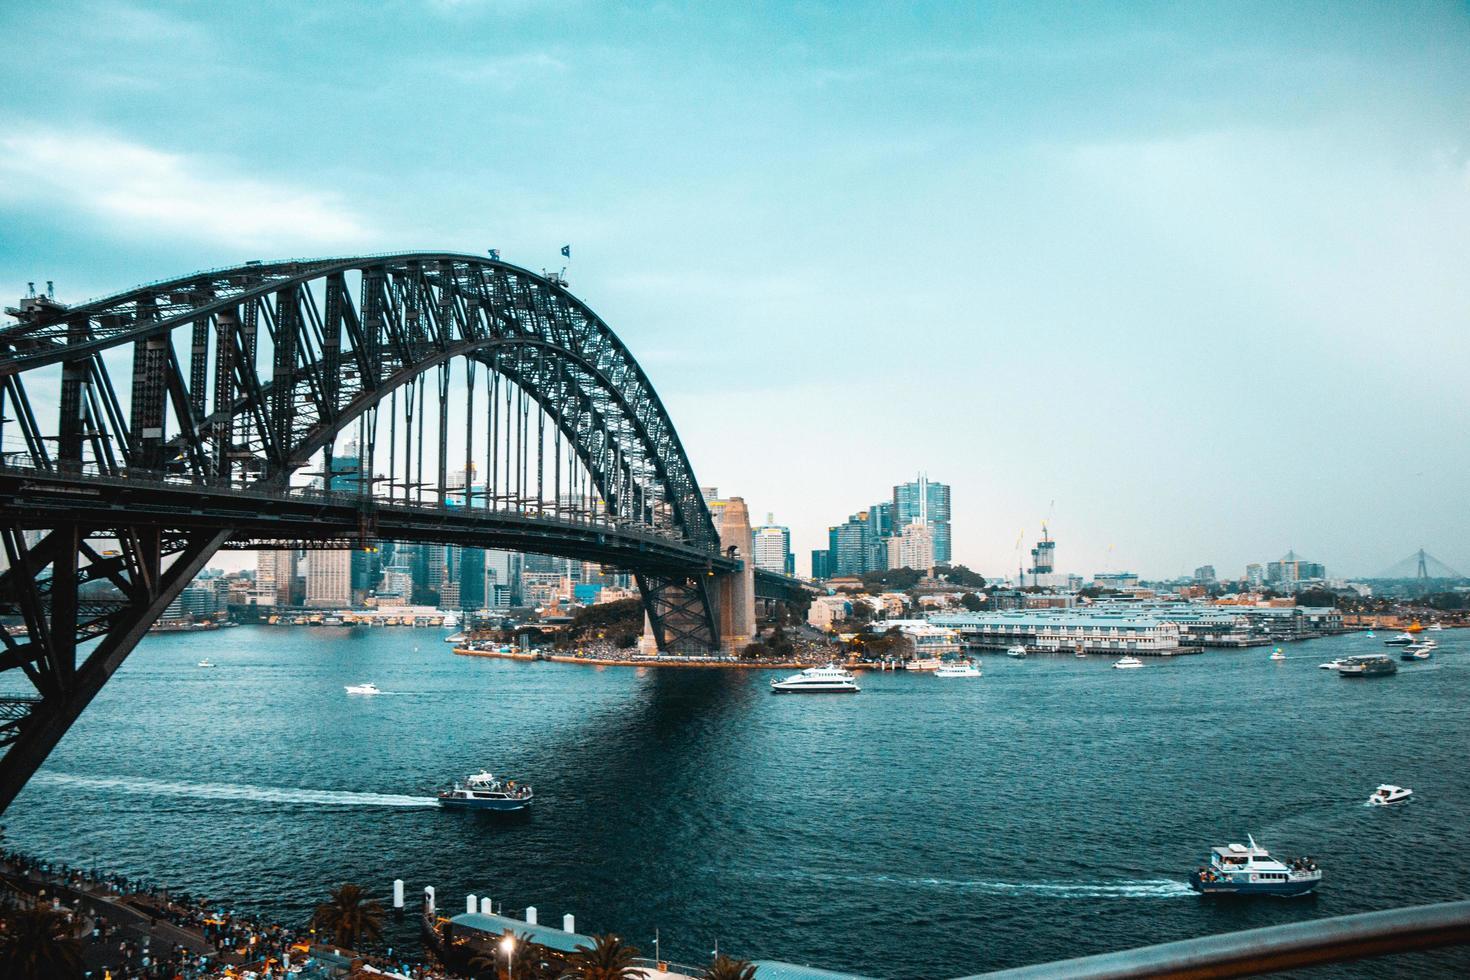 les bateaux traversent la ville photo